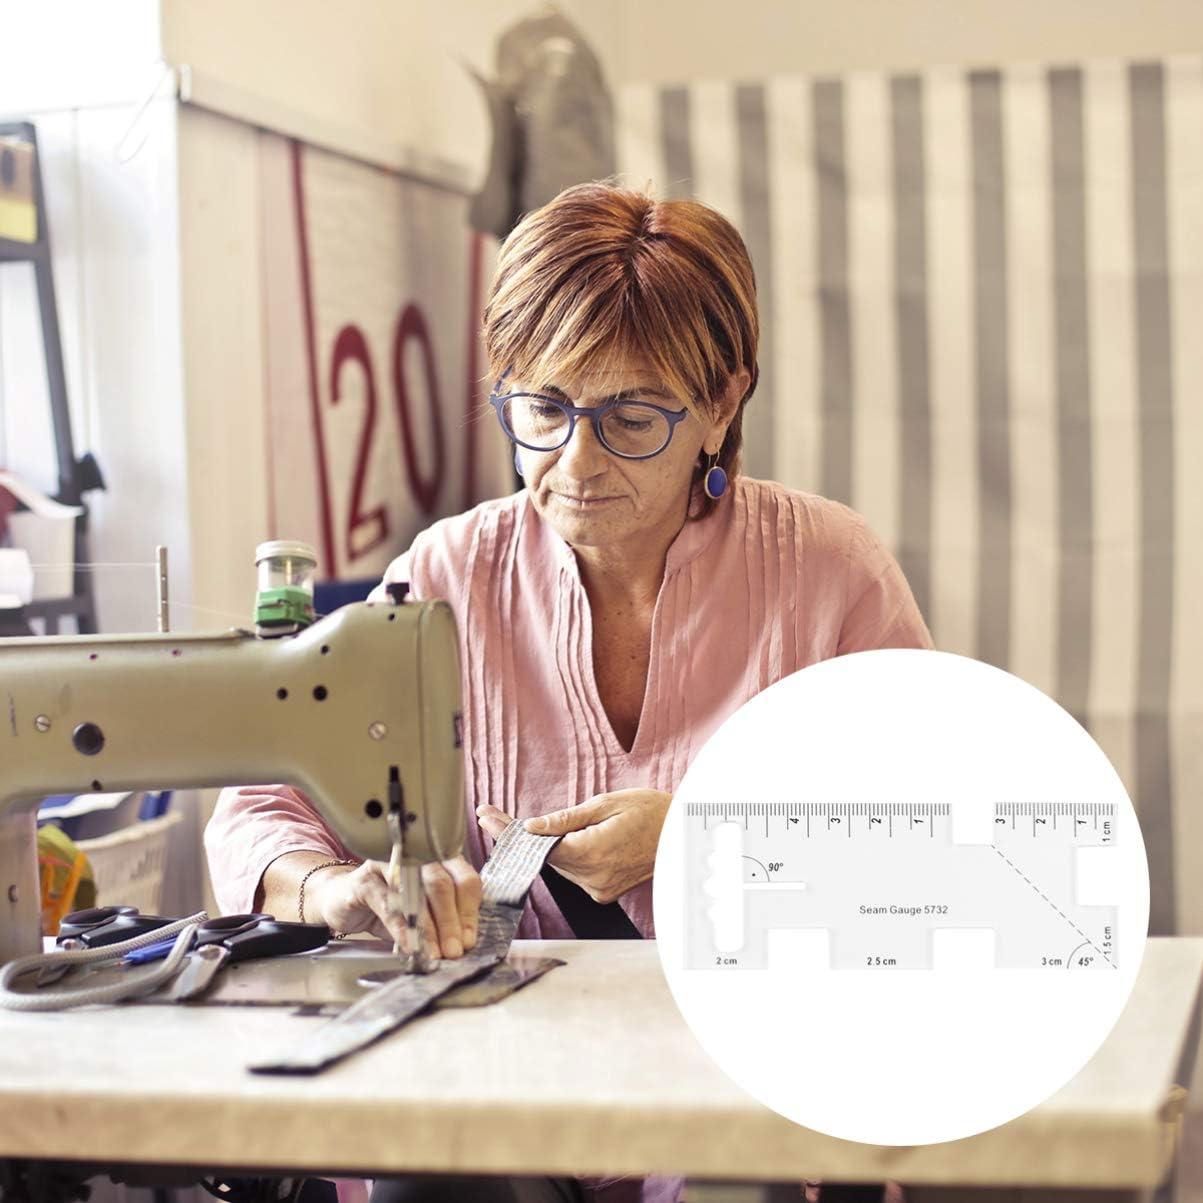 Artibetter Couture Couture Jauge R/ègle Acrylique Tailleur R/ègle Concepteur Tissu Outil de Mesure pour Bricolage Artisanat Matelassage Tricot